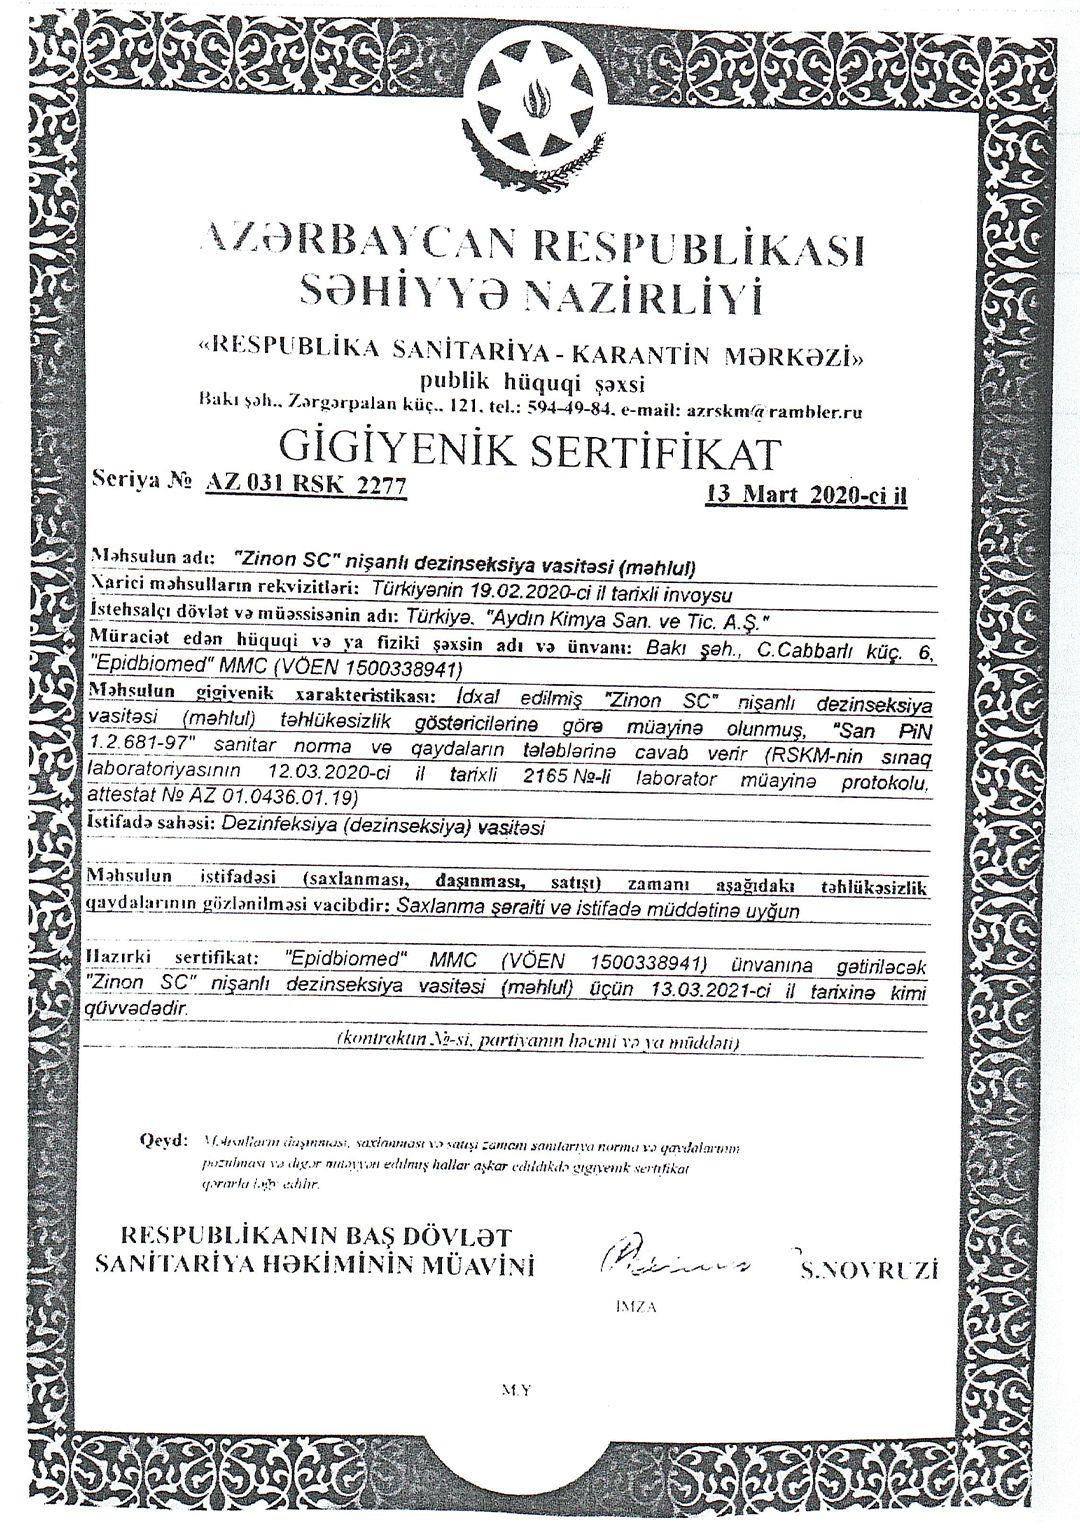 Azərbaycan Respublikası Səhiyyə Nazirliyi